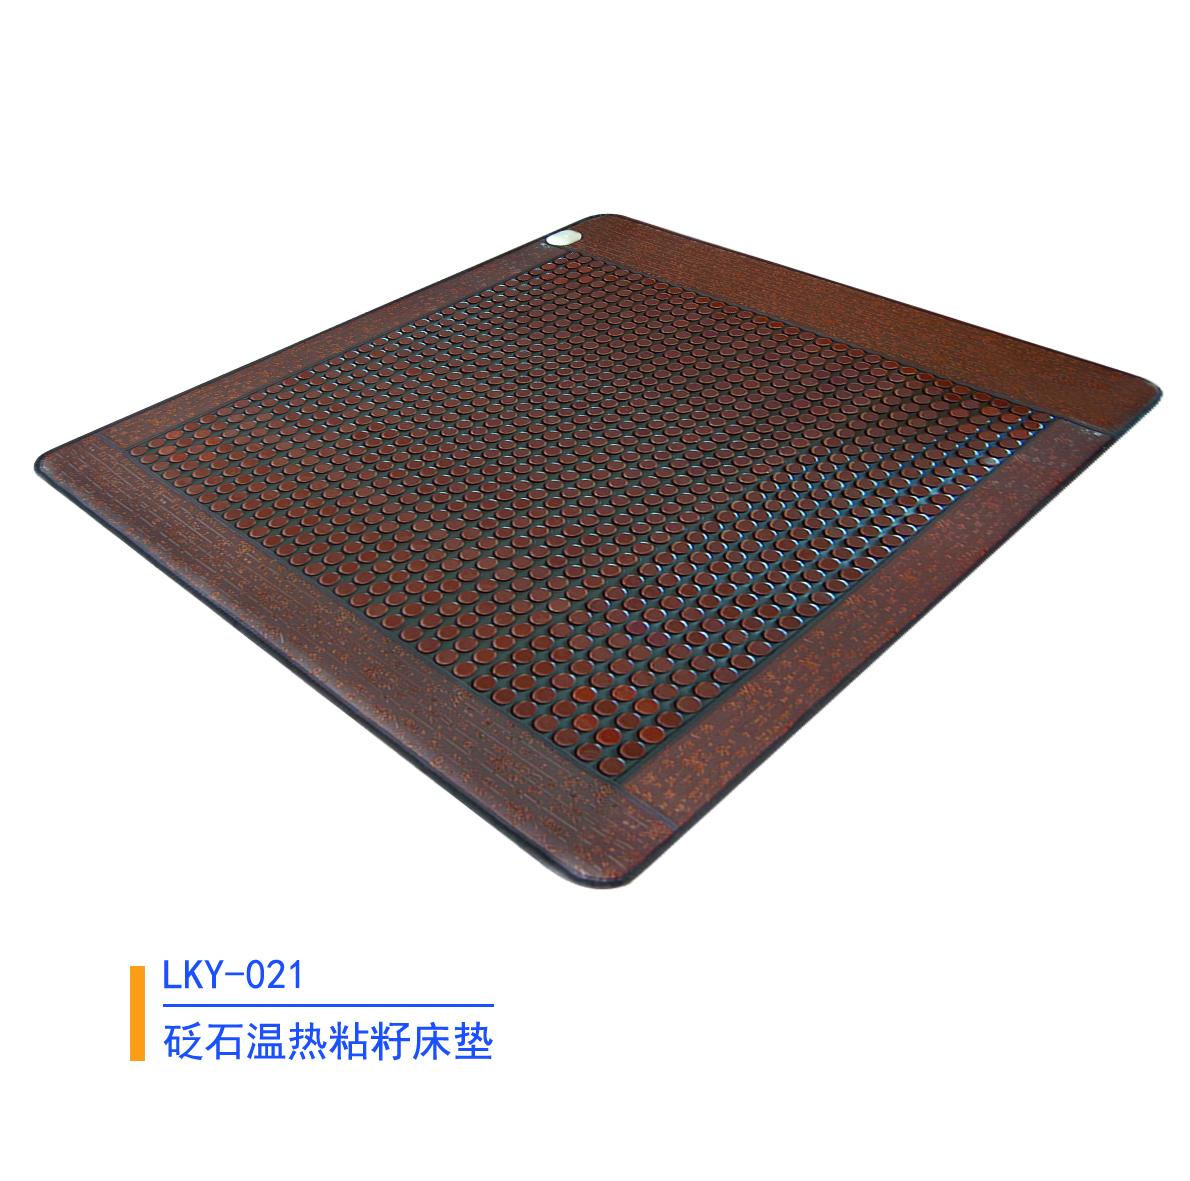 锗石温热粘籽床垫021